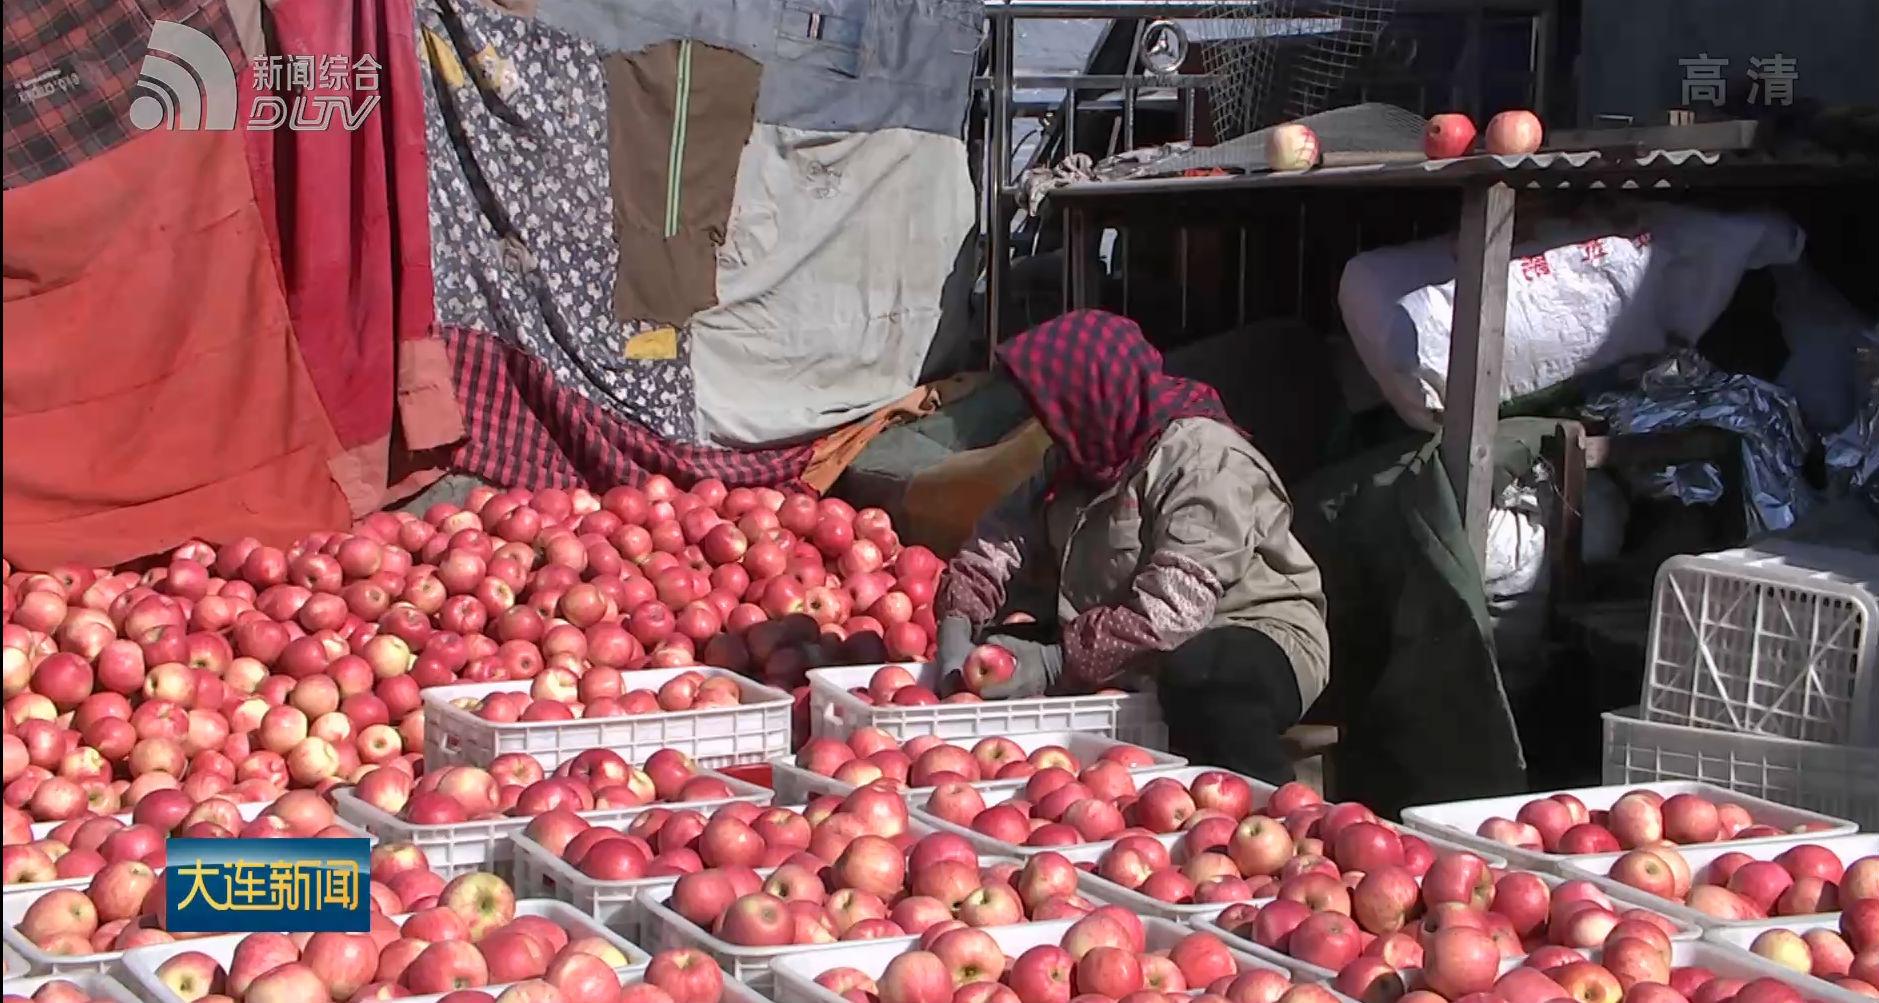 我市积极开拓市场 避免苹果滞销